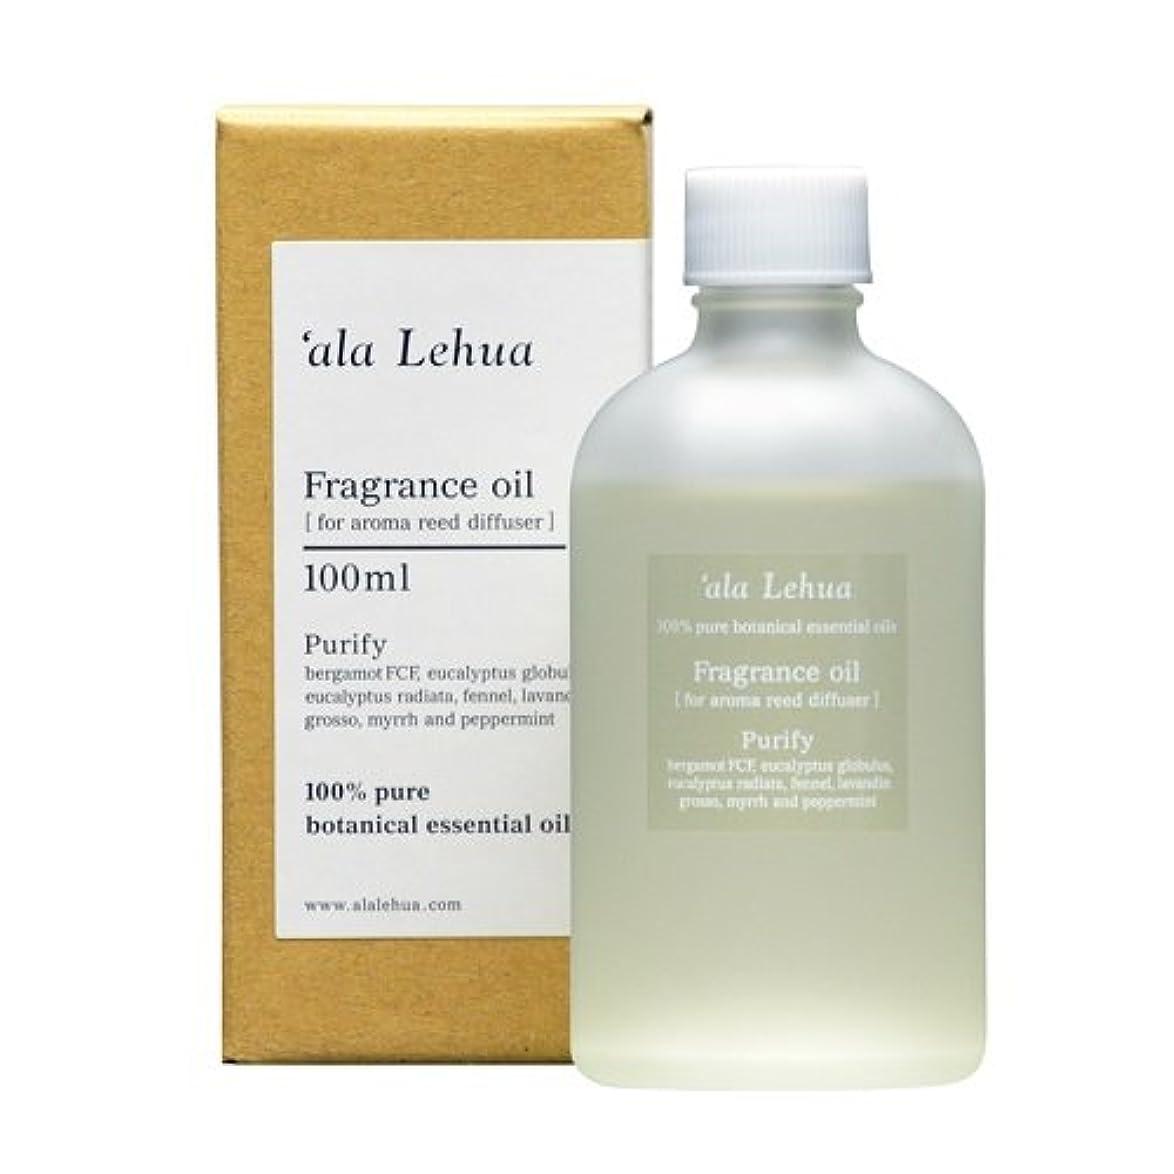 症状研究メドレーフレーバーライフ(Flavor Life) `ala Lehua (アラレフア) アロマリードディフューザー フレグランスオイル 100ml purify(ピュリファイ)